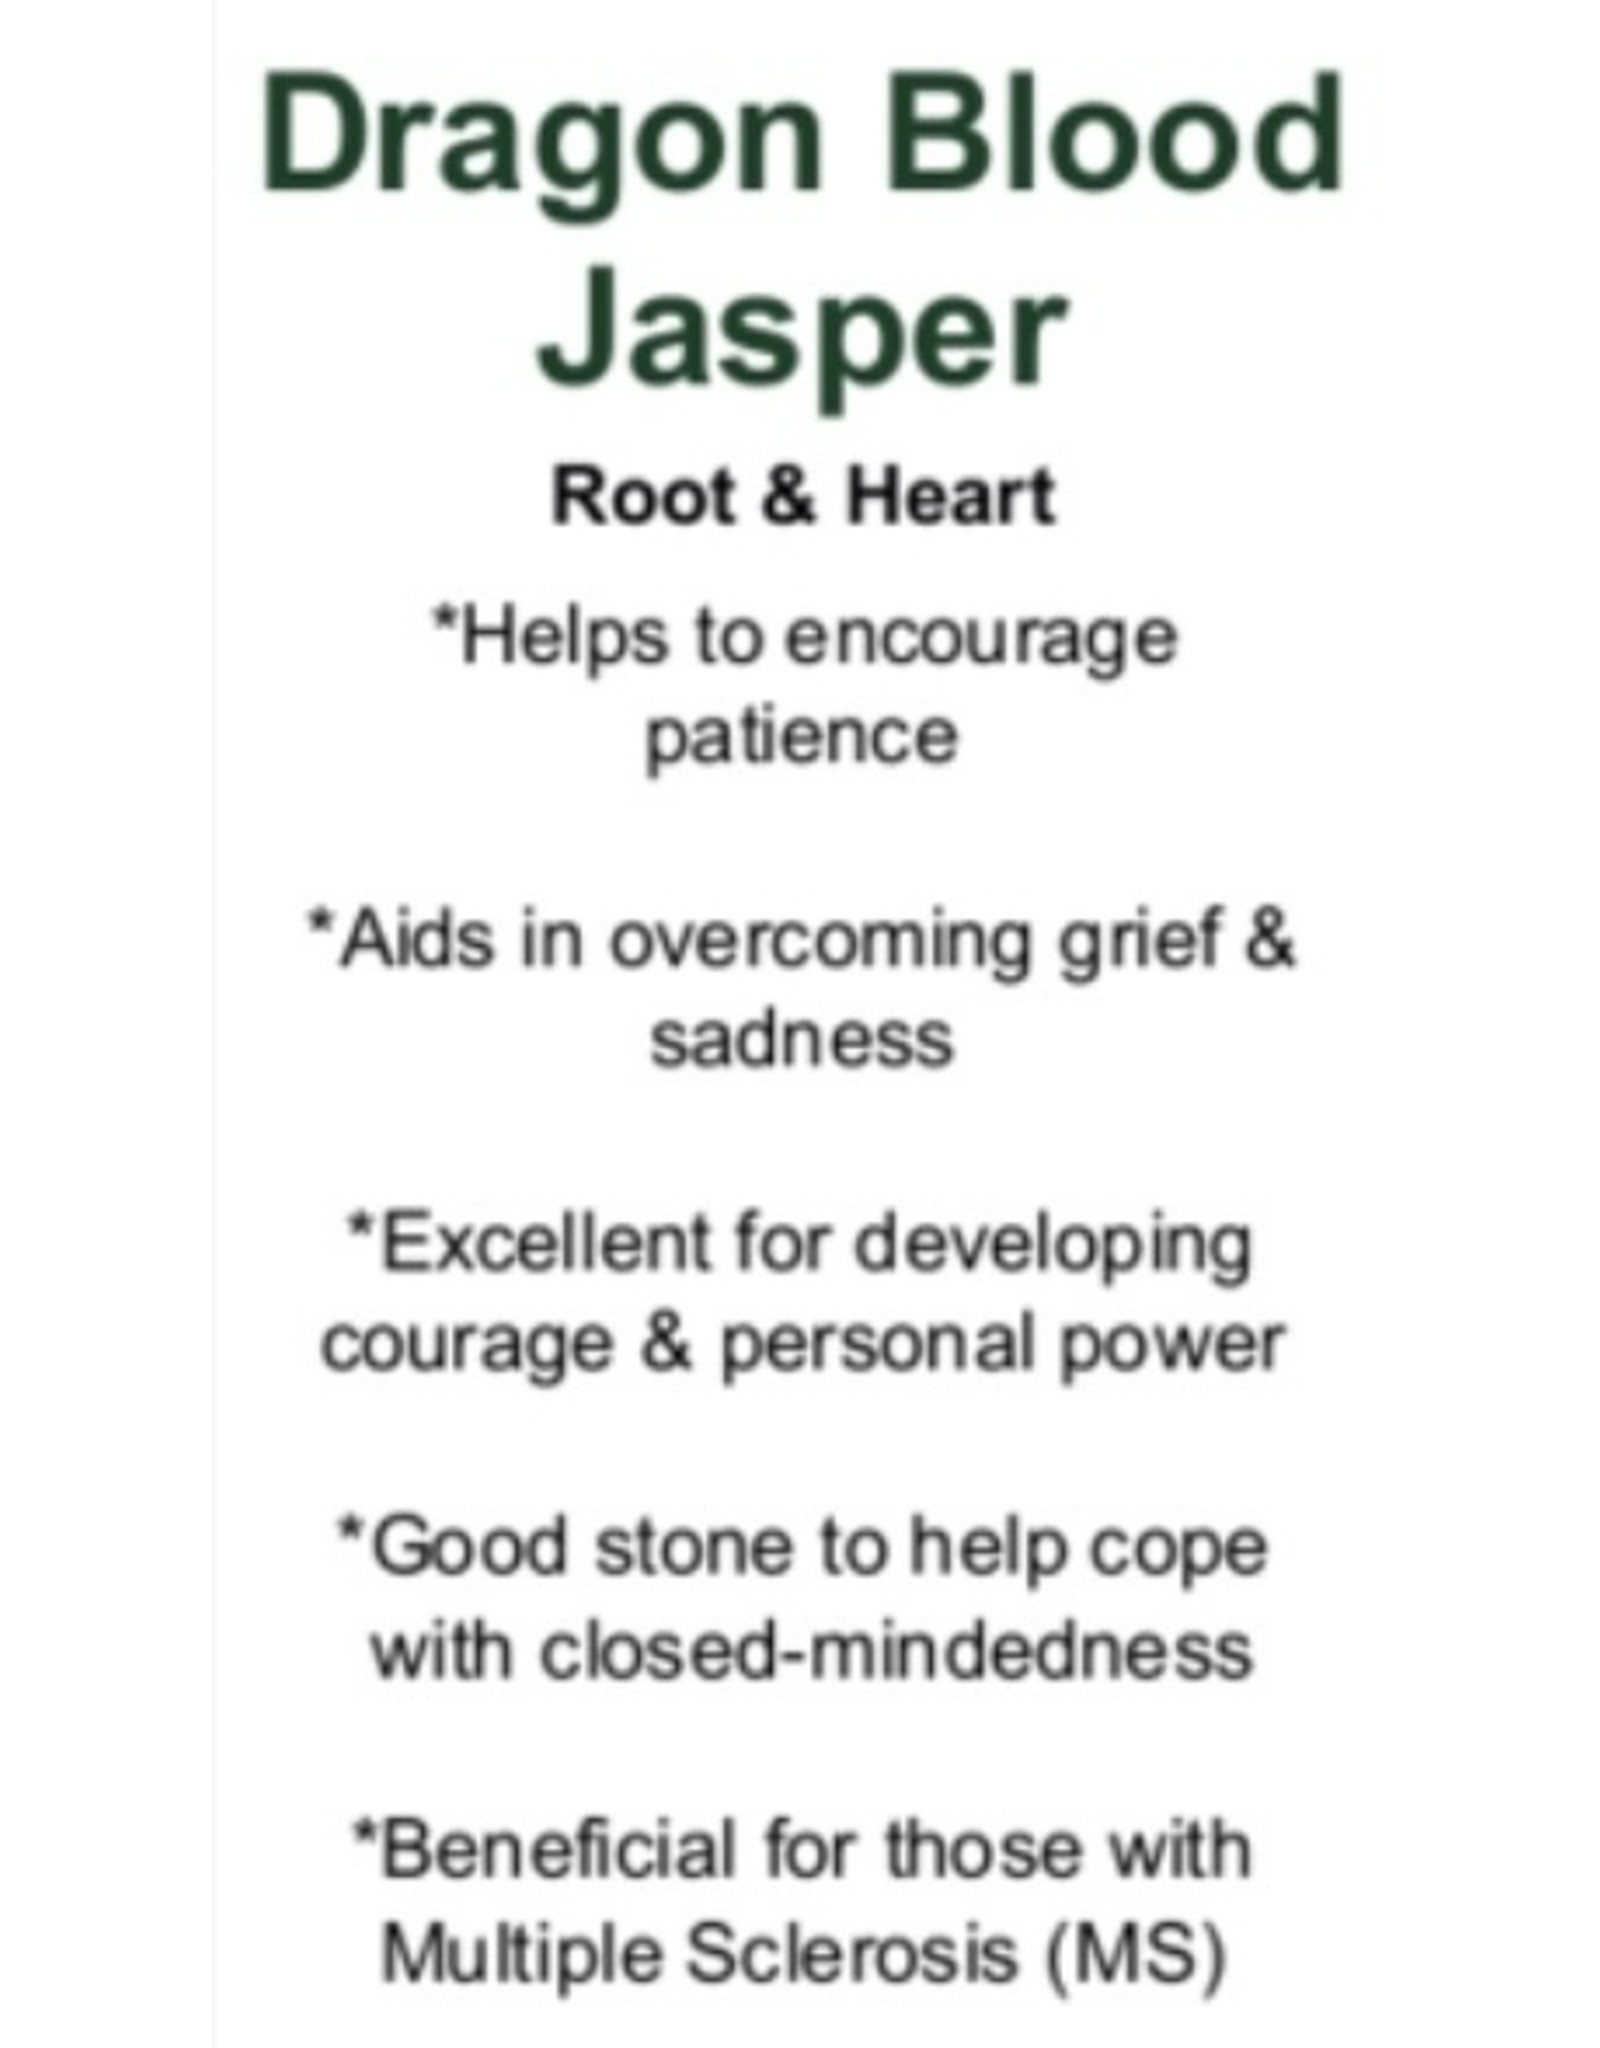 Dragonsblood Jasper Heart